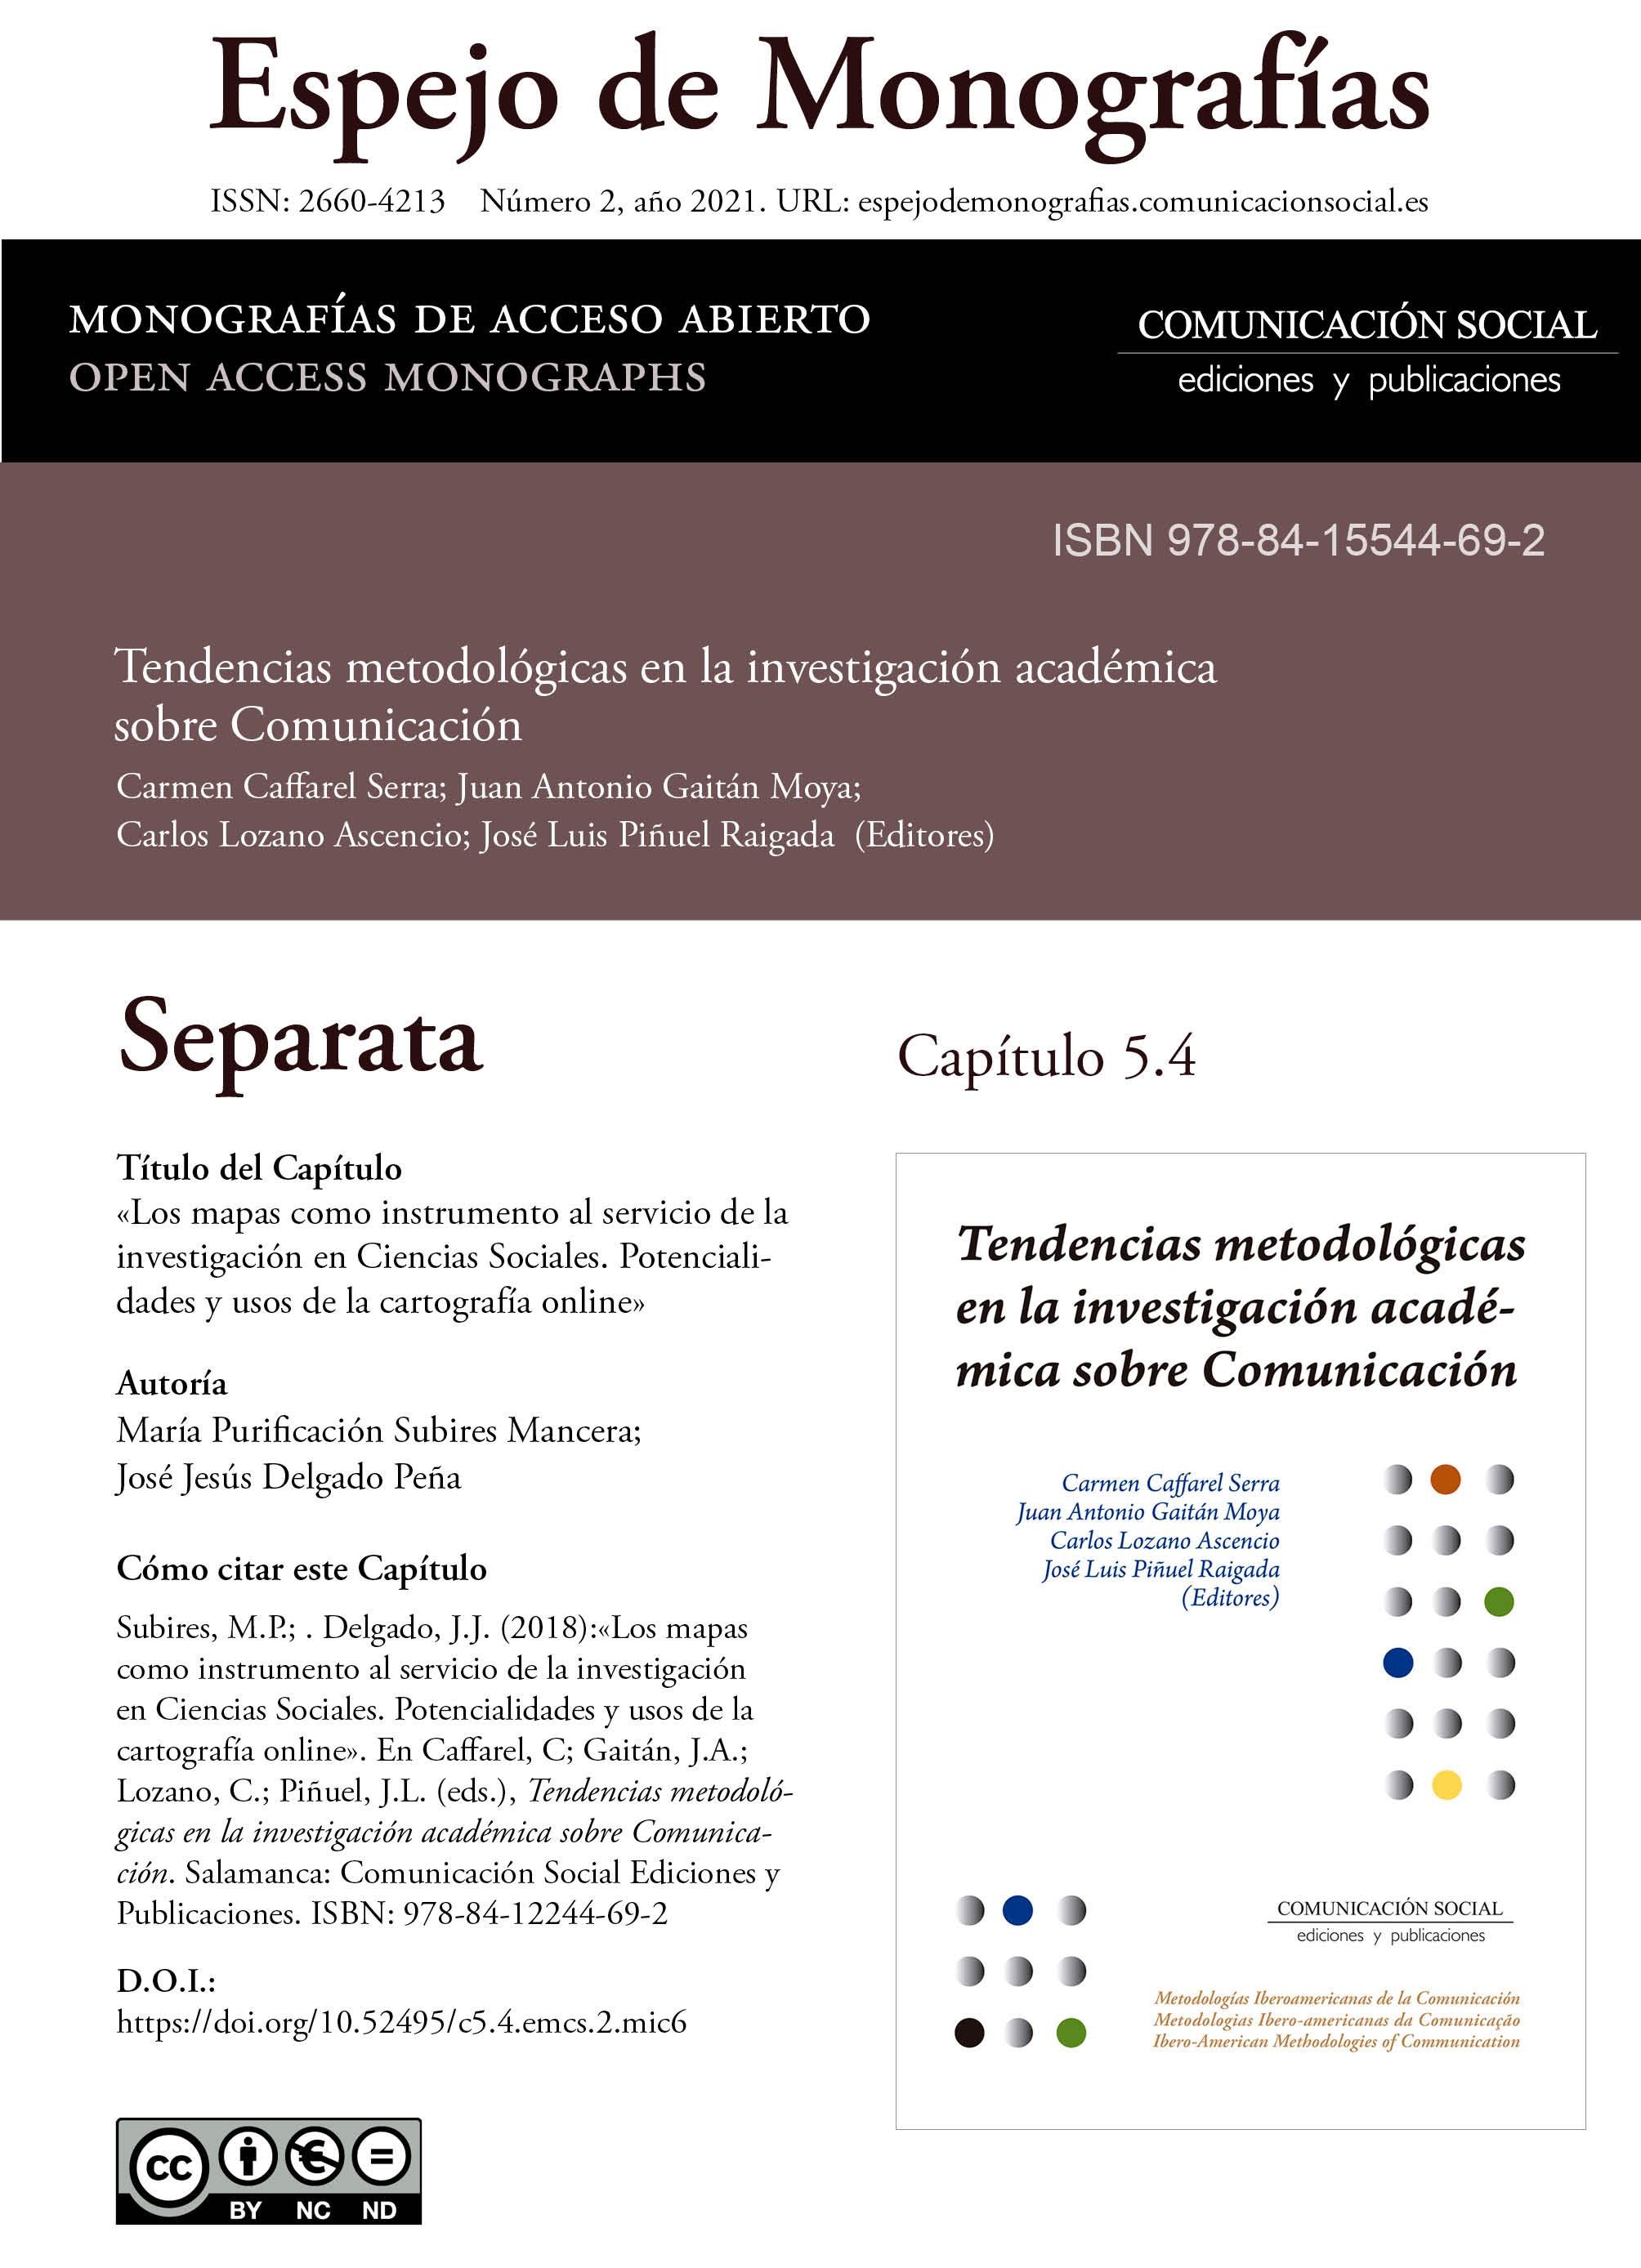 Separata del Capítulo 5.4 correspondiente a la monografía Tendencias metodológicas en la investigación académica en Comunicación